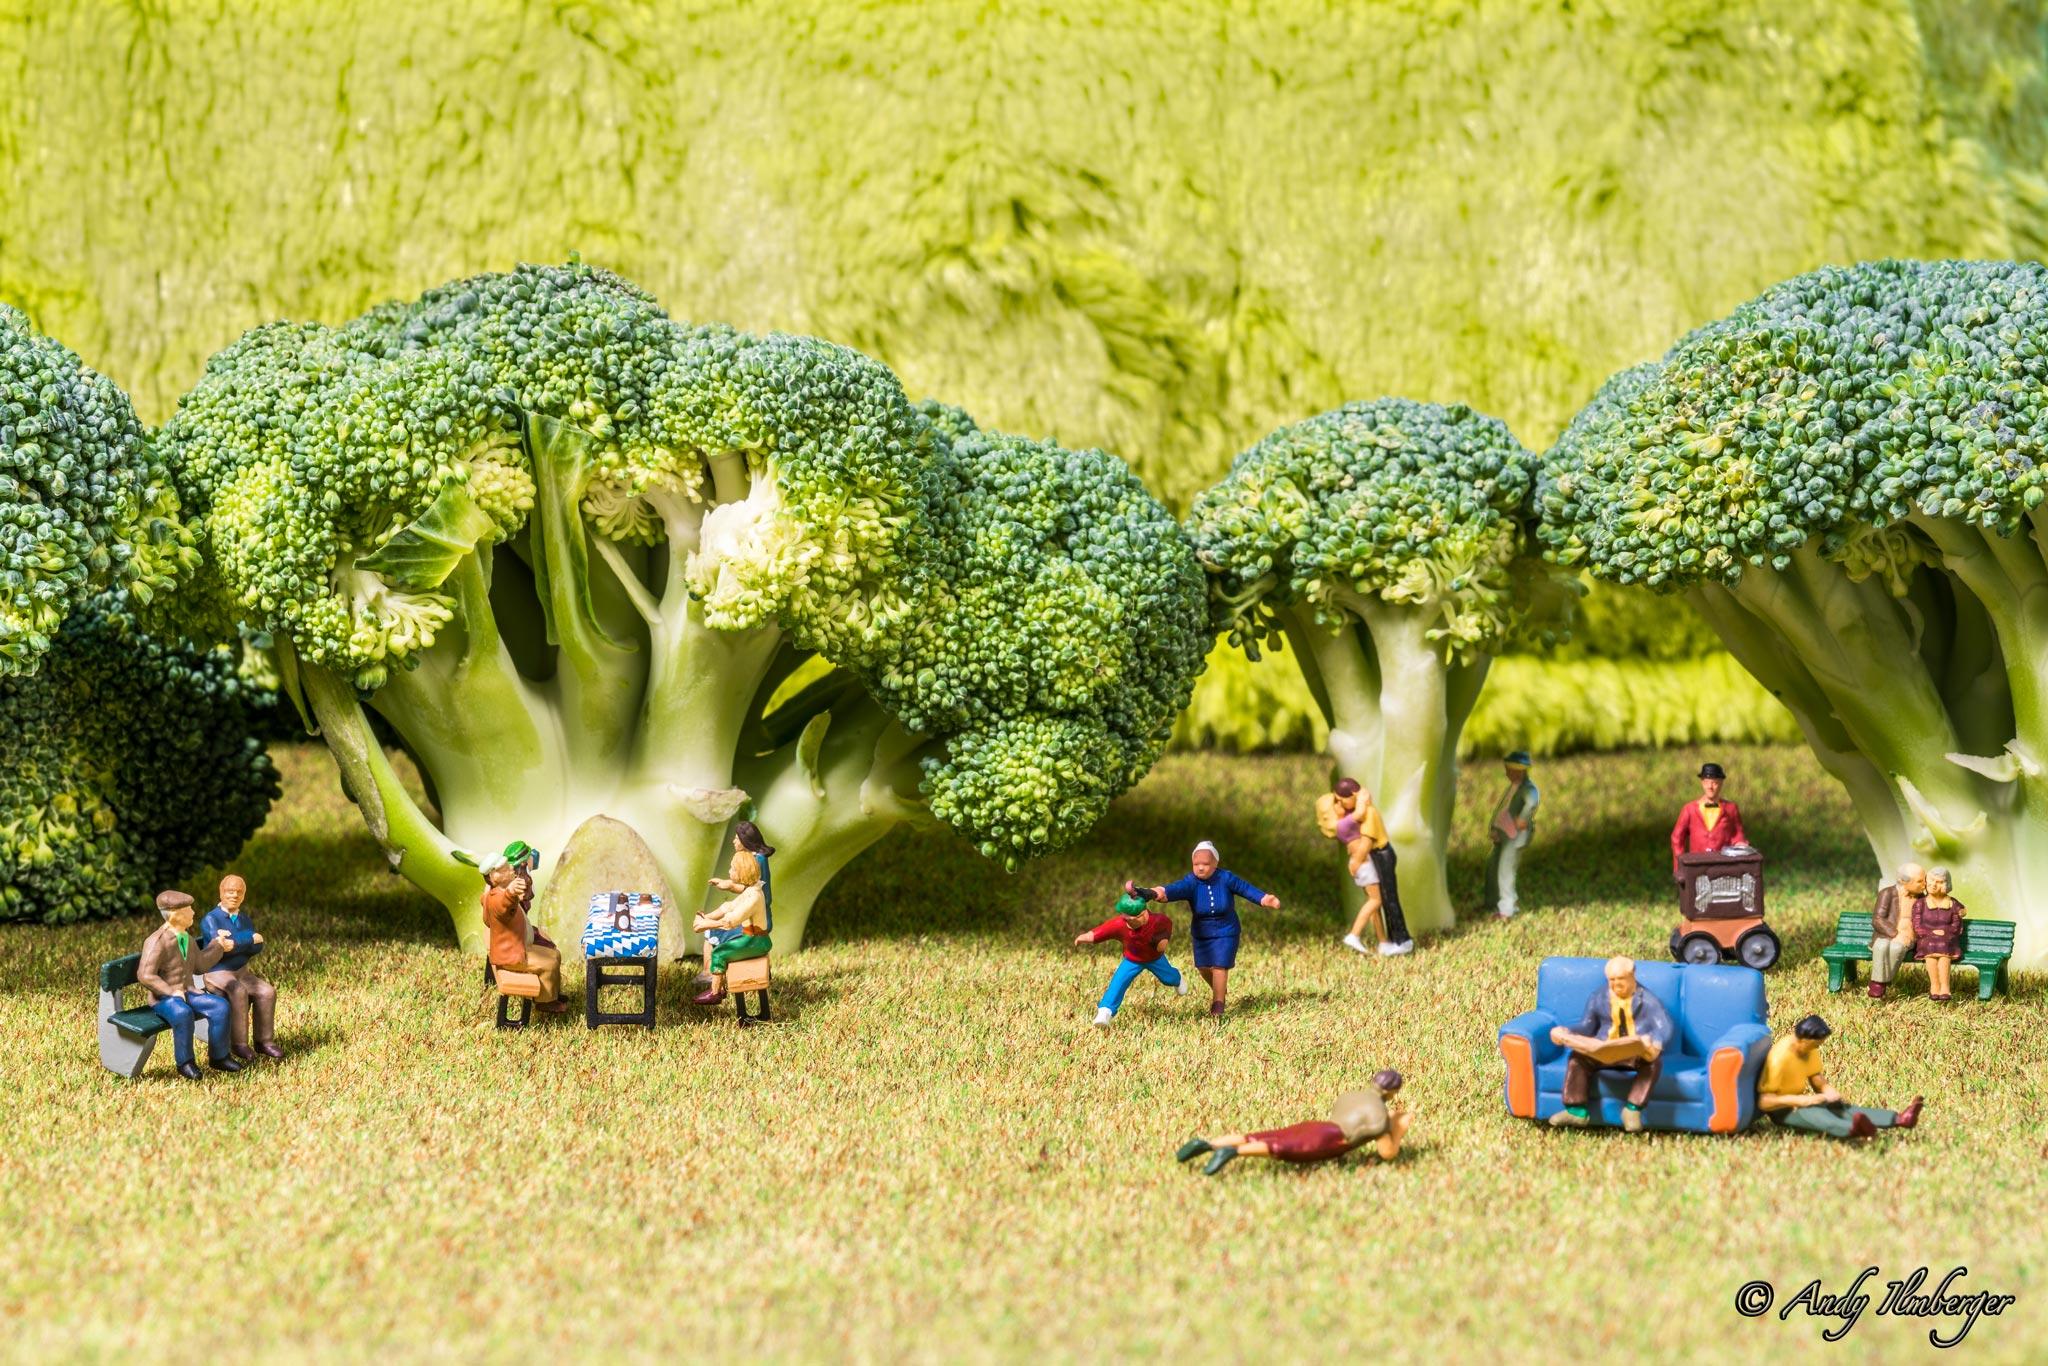 H0-Helden - Frühlingsgefühle im Broccoli-Wald - H0-Figuren in Szene gesetzt von © Andy Ilmberger im Kleine-Helden.Club